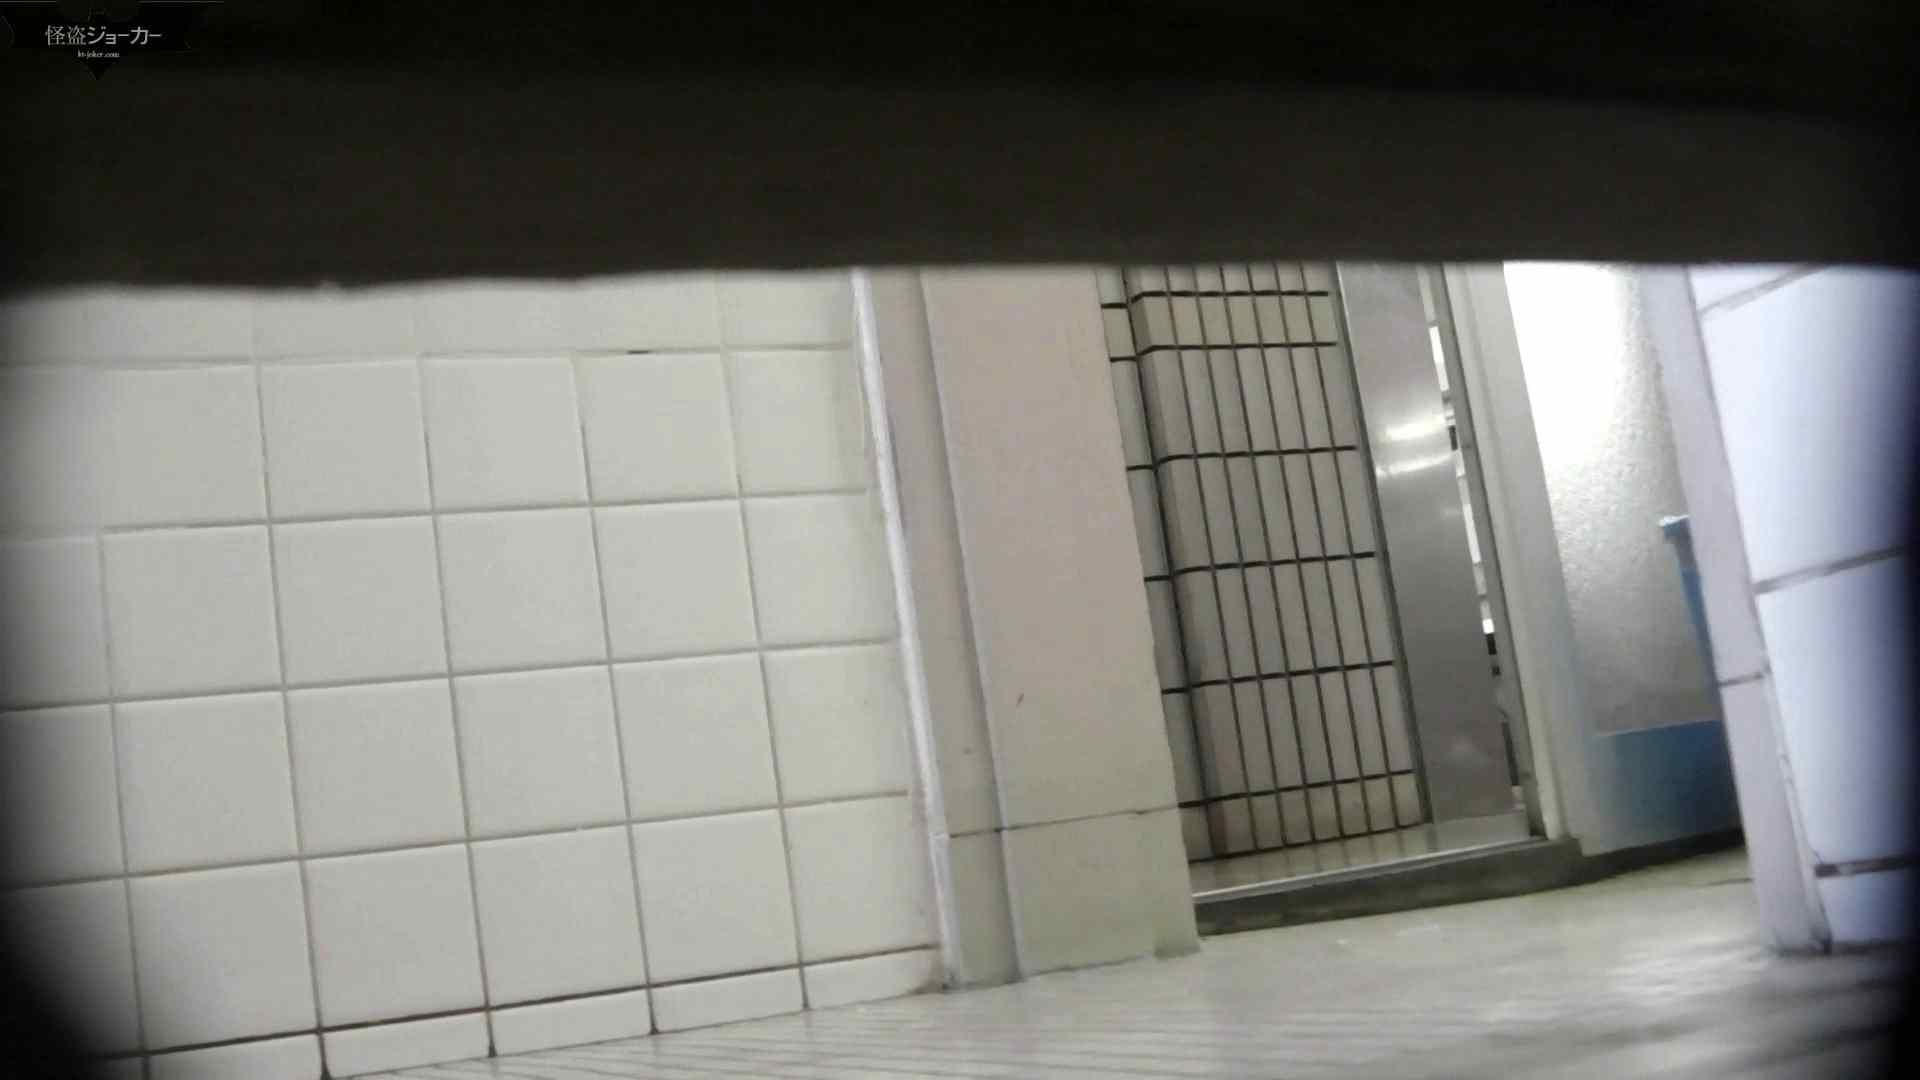 【美しき個室な世界】洗面所特攻隊 vol.051 ギャル達 おまんこ動画流出 100枚 100